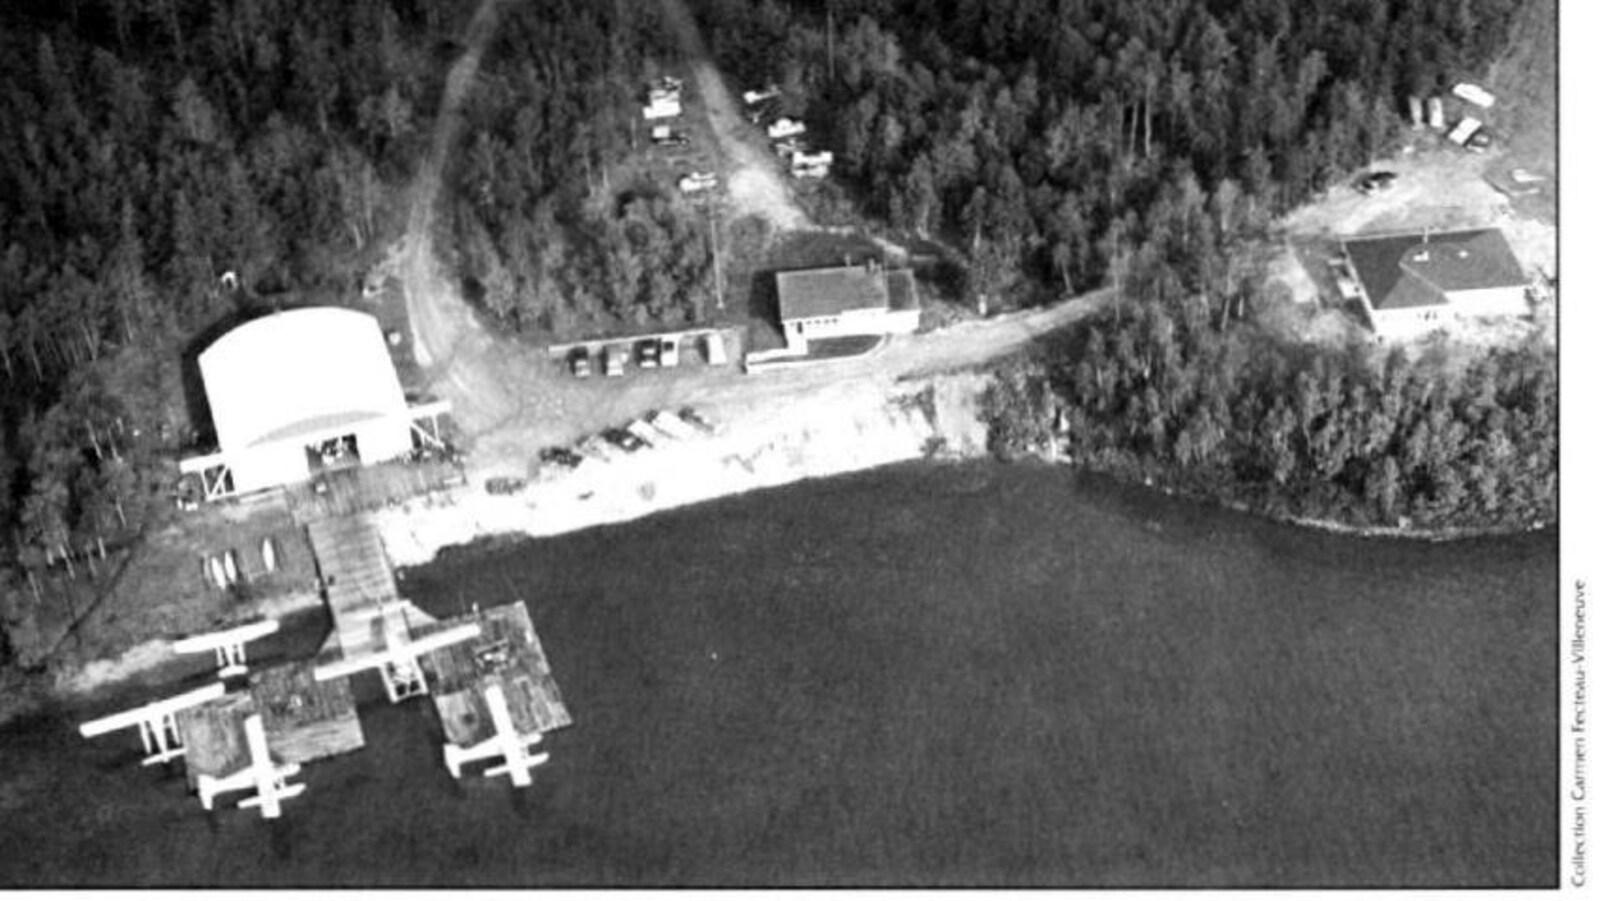 Une photographie d'archives en noir et blanc, montrant à vol d'oiseau, des bâtiments sur le bord de l'eau. De petits avions y sont amarrés.